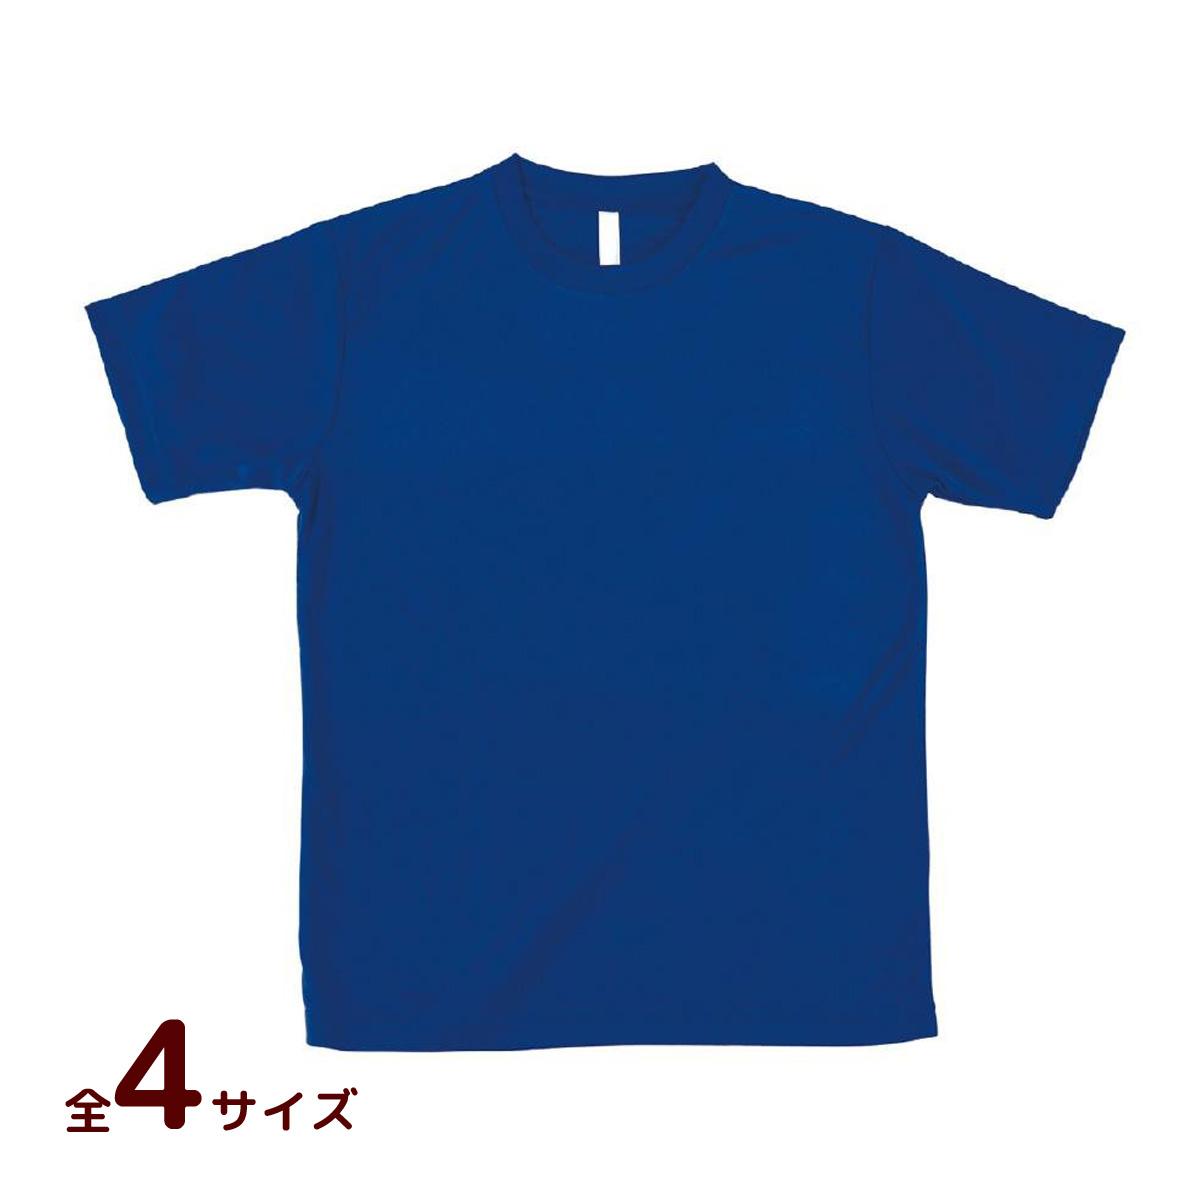 AT ドライTシャツ ブルー 150gポリ100% キッズ 小学生 中学生 Tシャツ 男の子 着替え イベント 衣装 クリスマスプレゼント